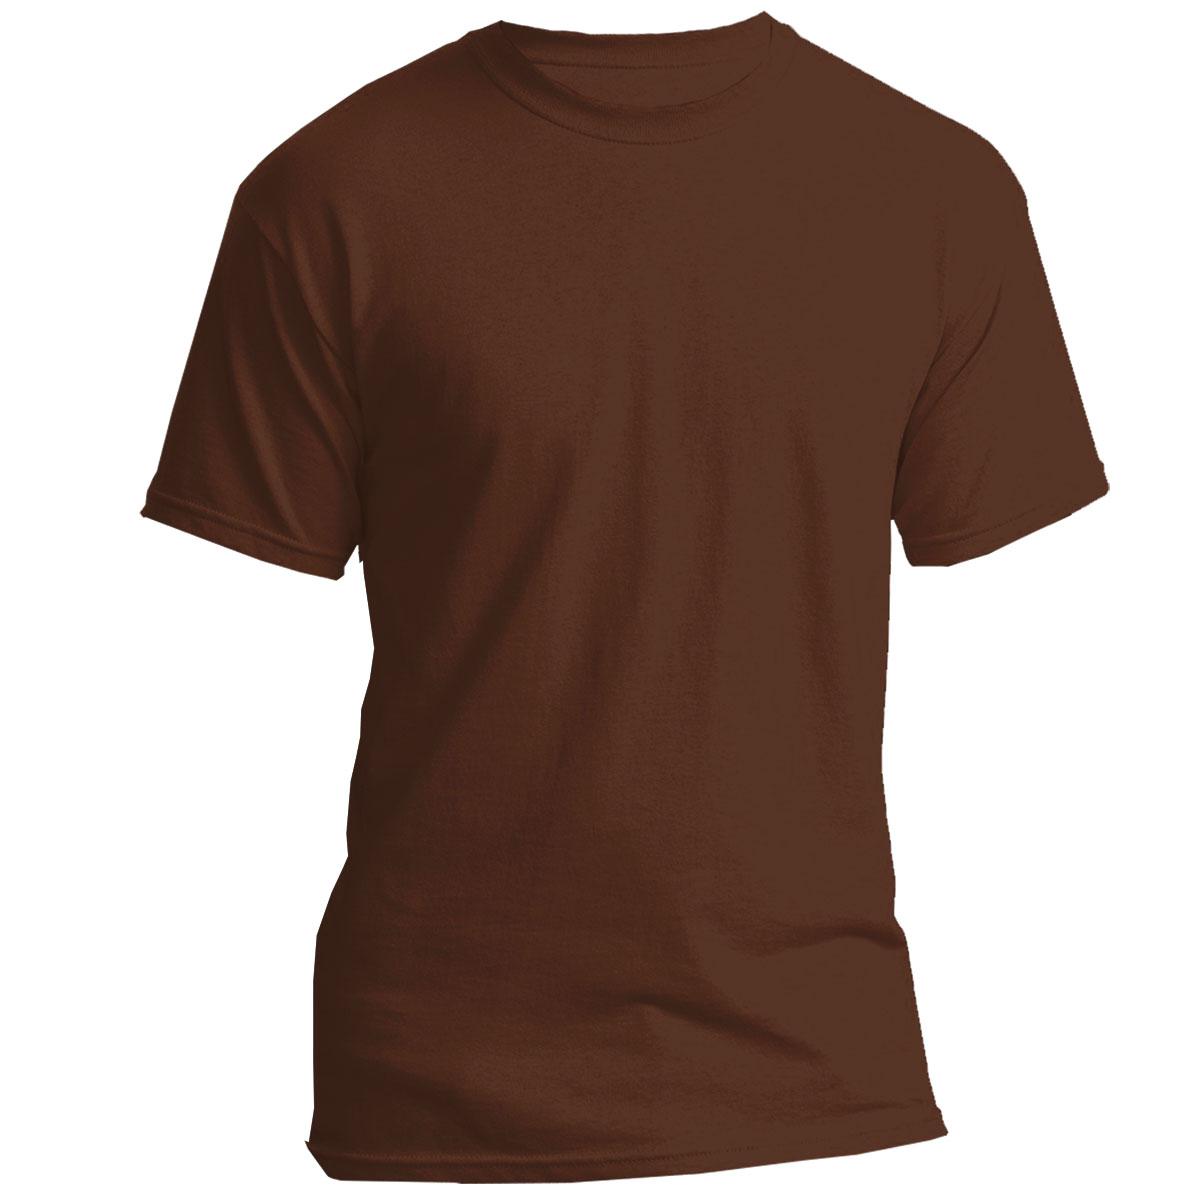 0b9503ecbadb Koszulka Regular Premium do nadruku Gramatura  190 g m² Rozmiar  S ...